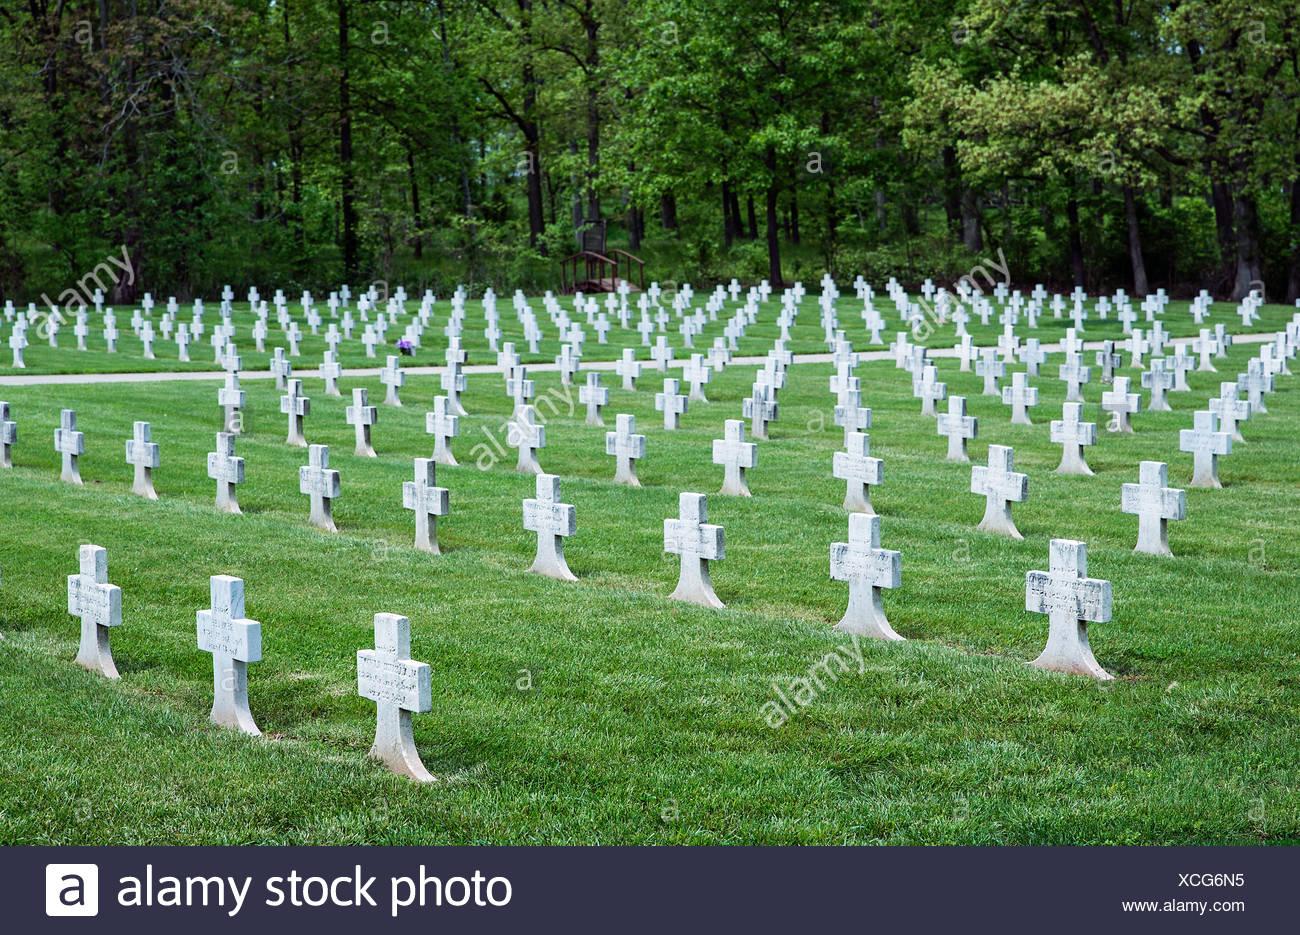 Cimitero per le Figlie della Carità ordine religioso delle monache, Elizabeth Seton Santuario nazionale, Emmitsburg, Maryland, Stati Uniti d'America Immagini Stock